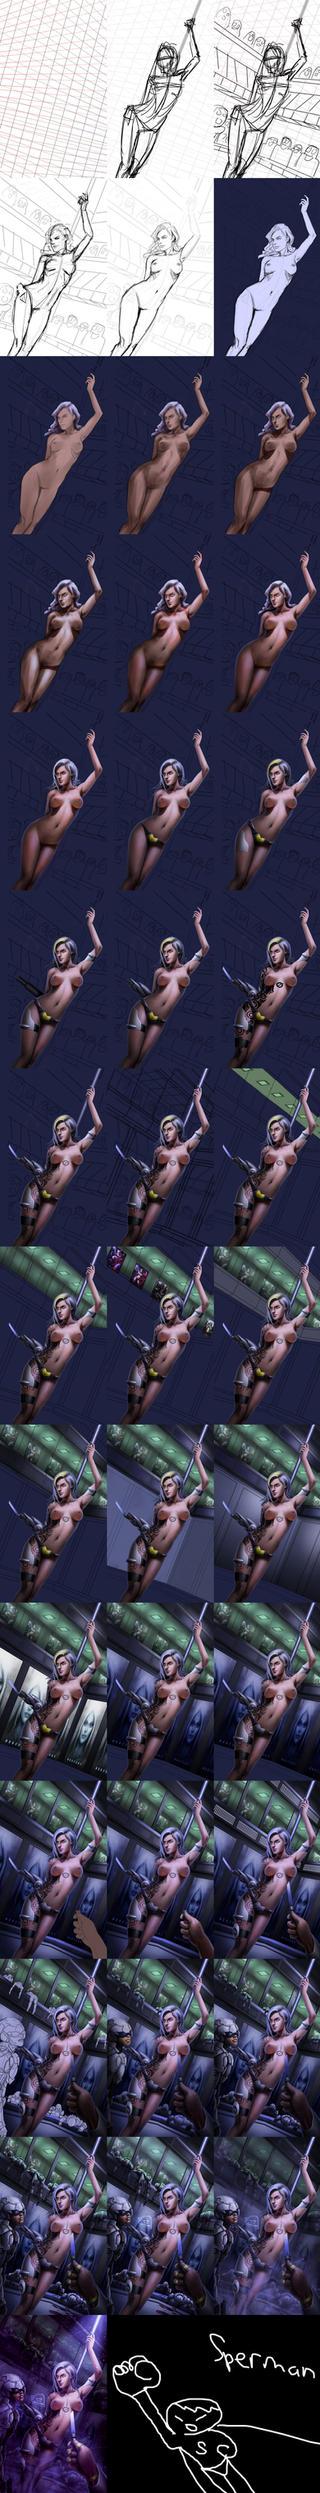 Stripper Process by tekkoontan